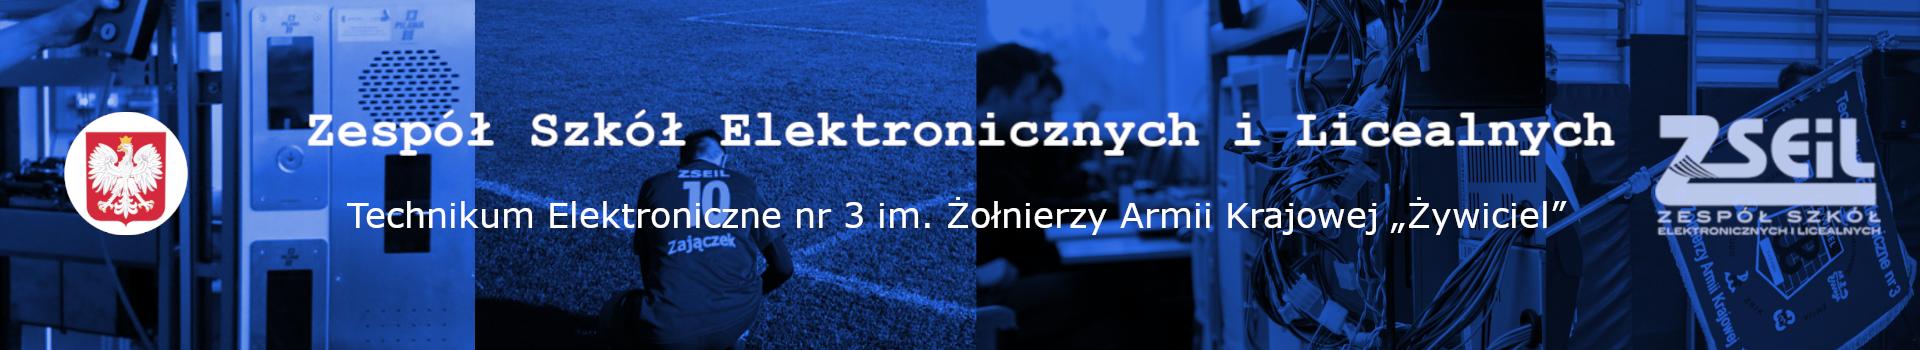 Zespół Szkół Elektronicznych i Licealnych